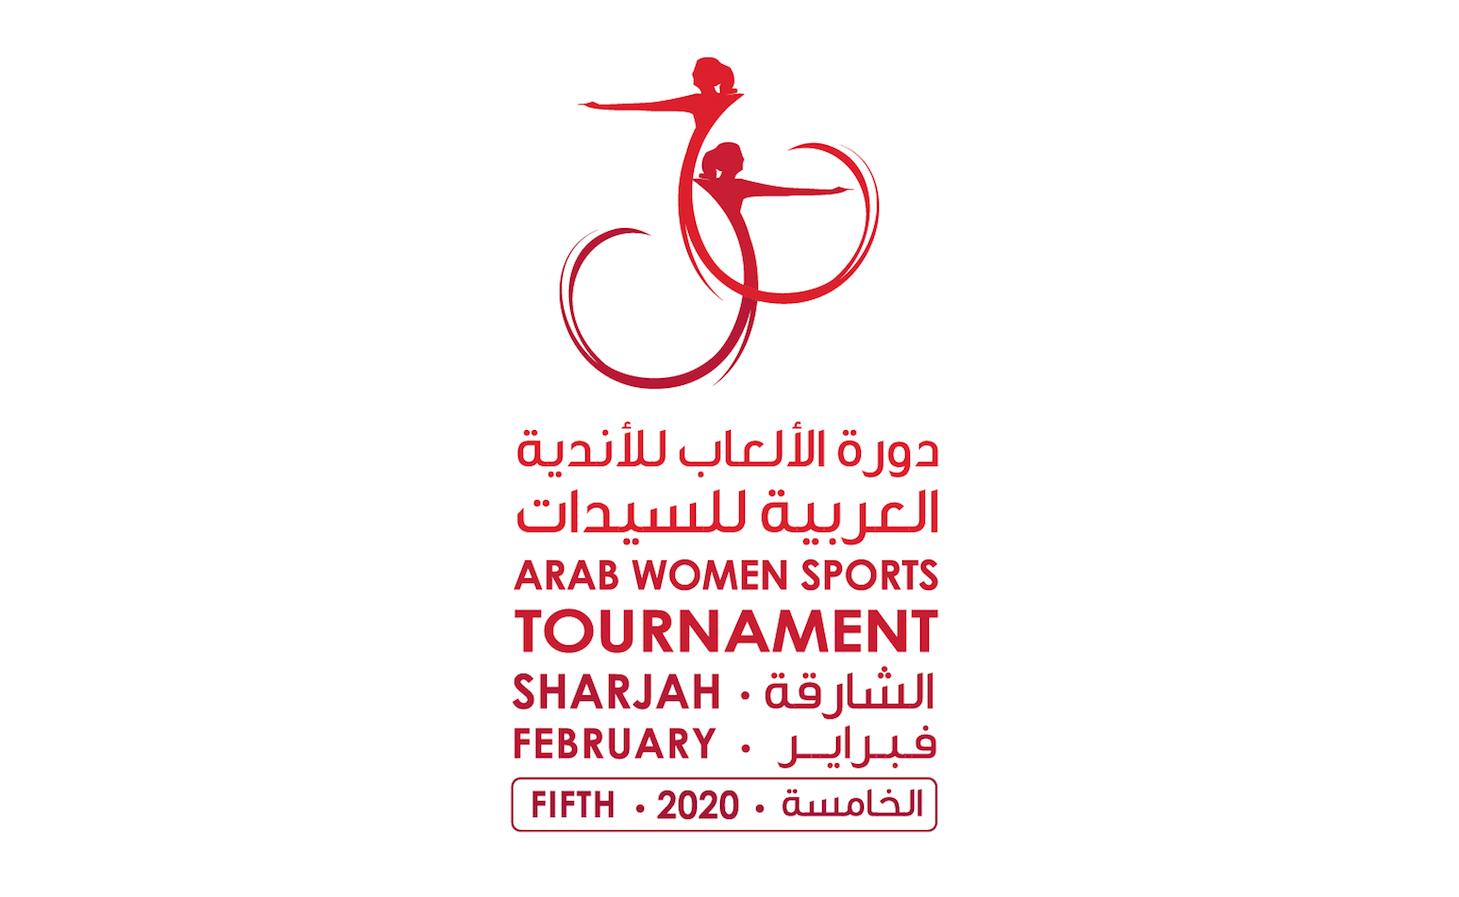 UAE's Sportswomen Aiming for Gold at AWST